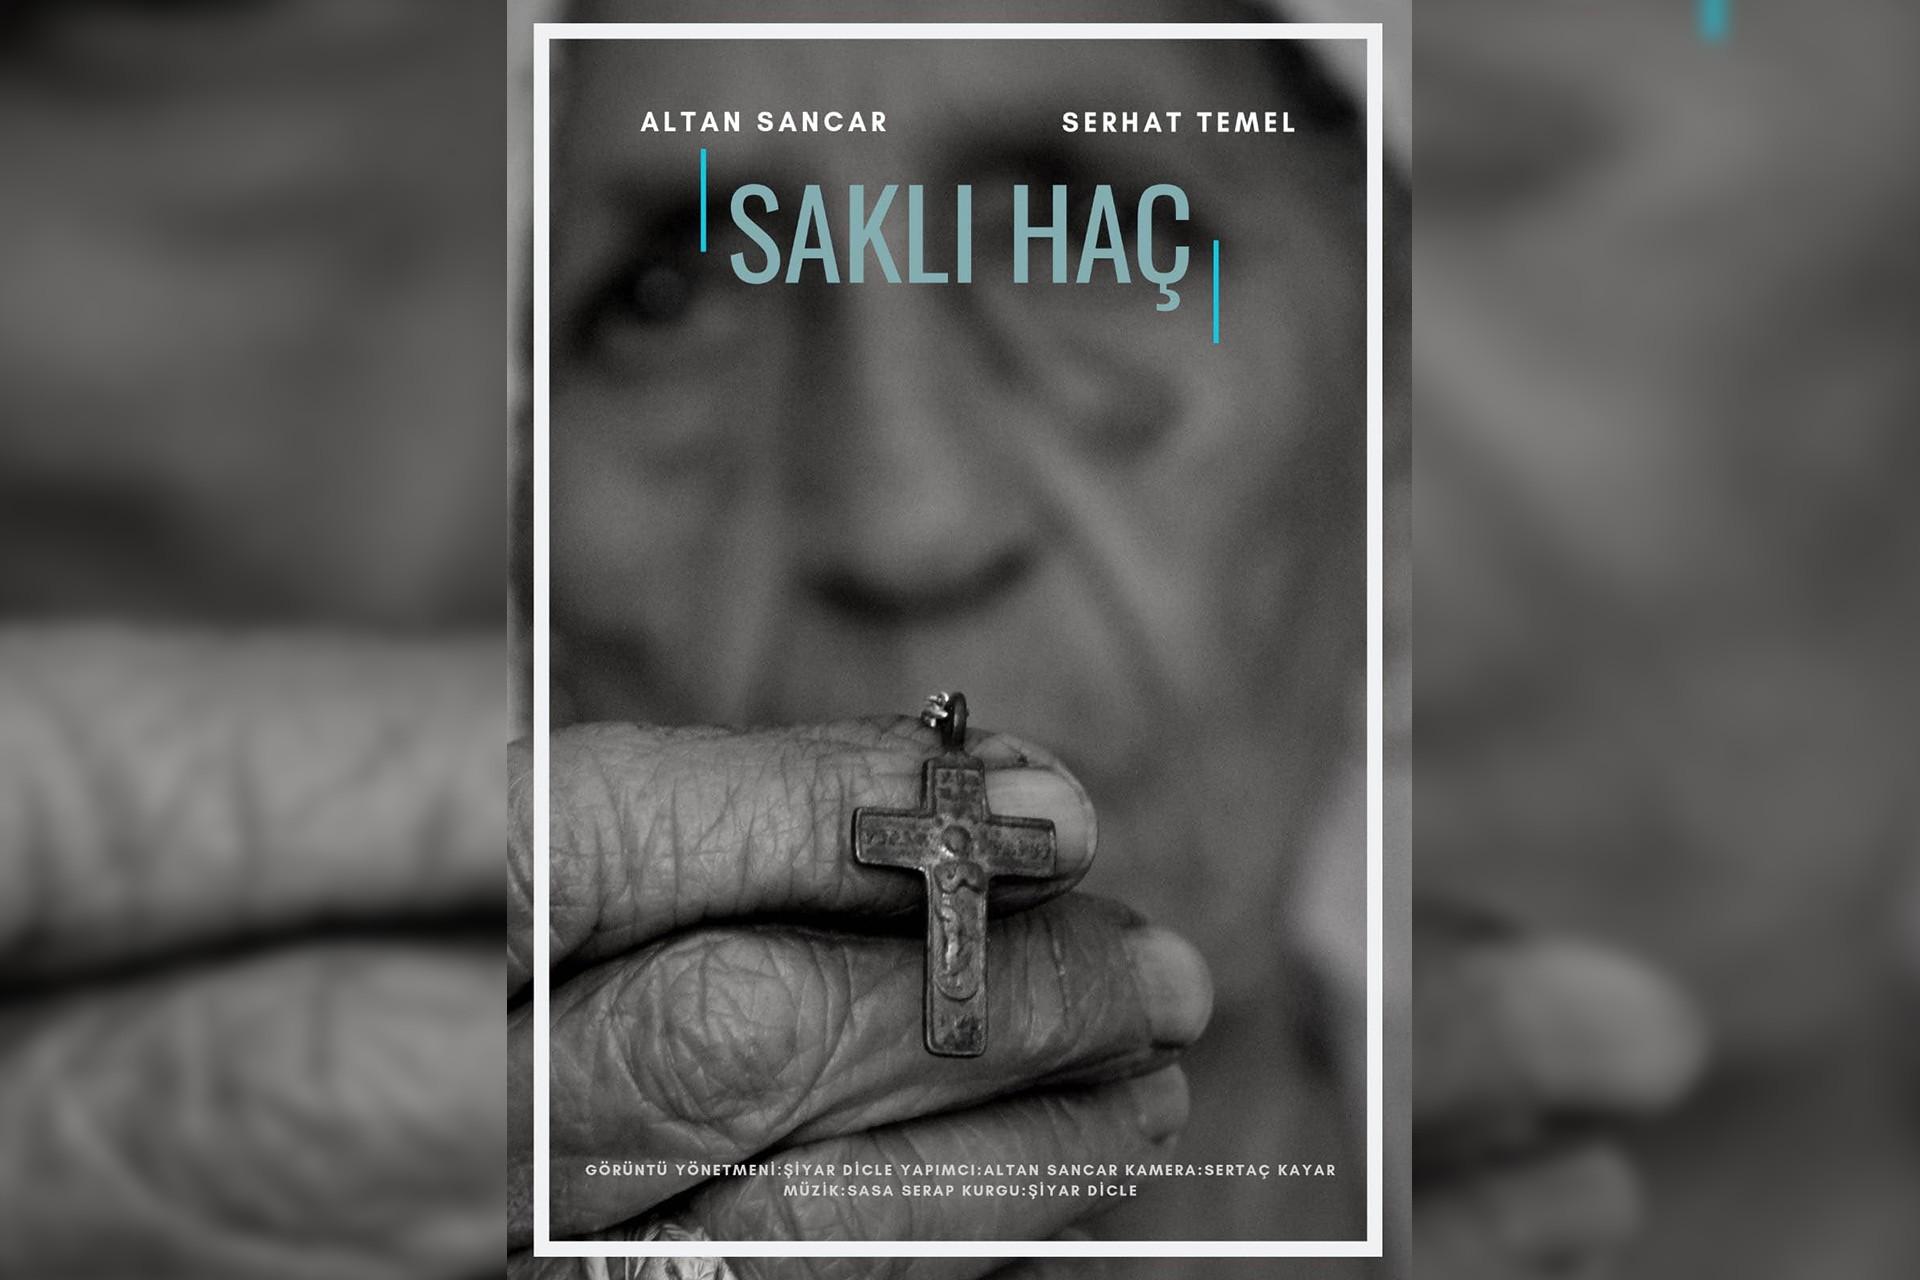 Müslümanlaştırılan Ermenilerin hikayesi belgeselleşti: Zenginlik değil travma